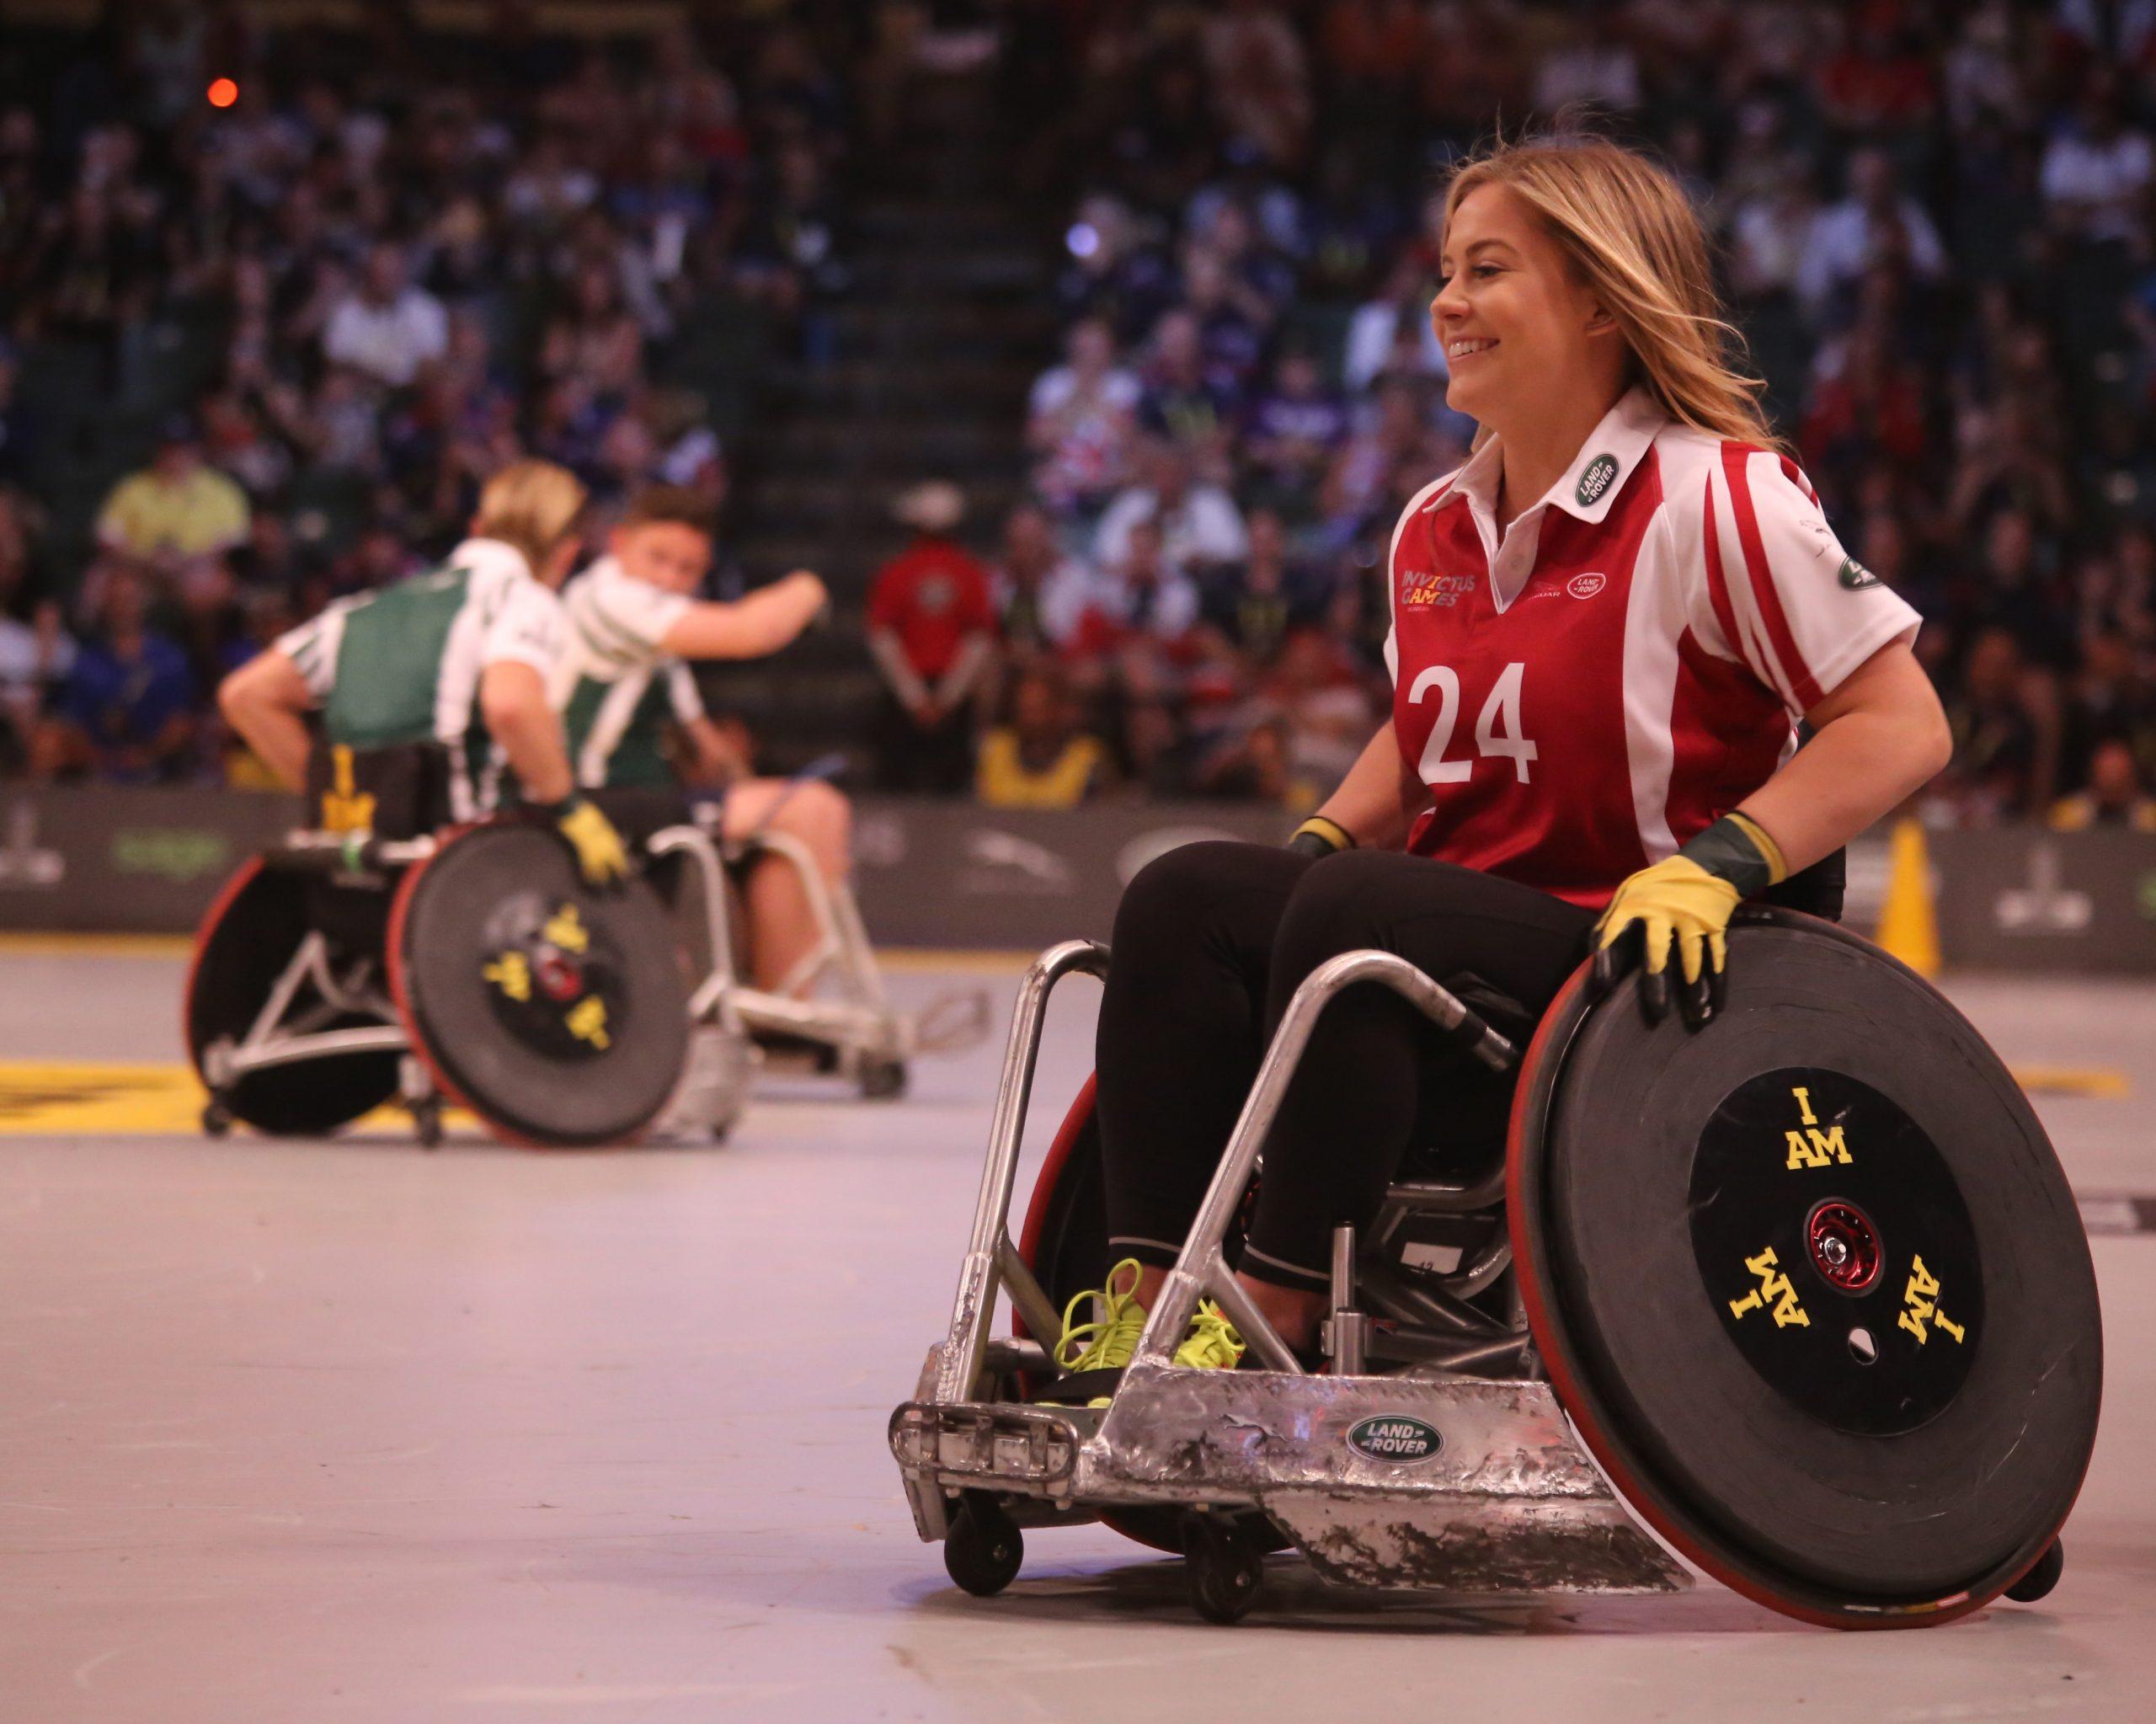 Studier i USA med funksjonsnedsettelse